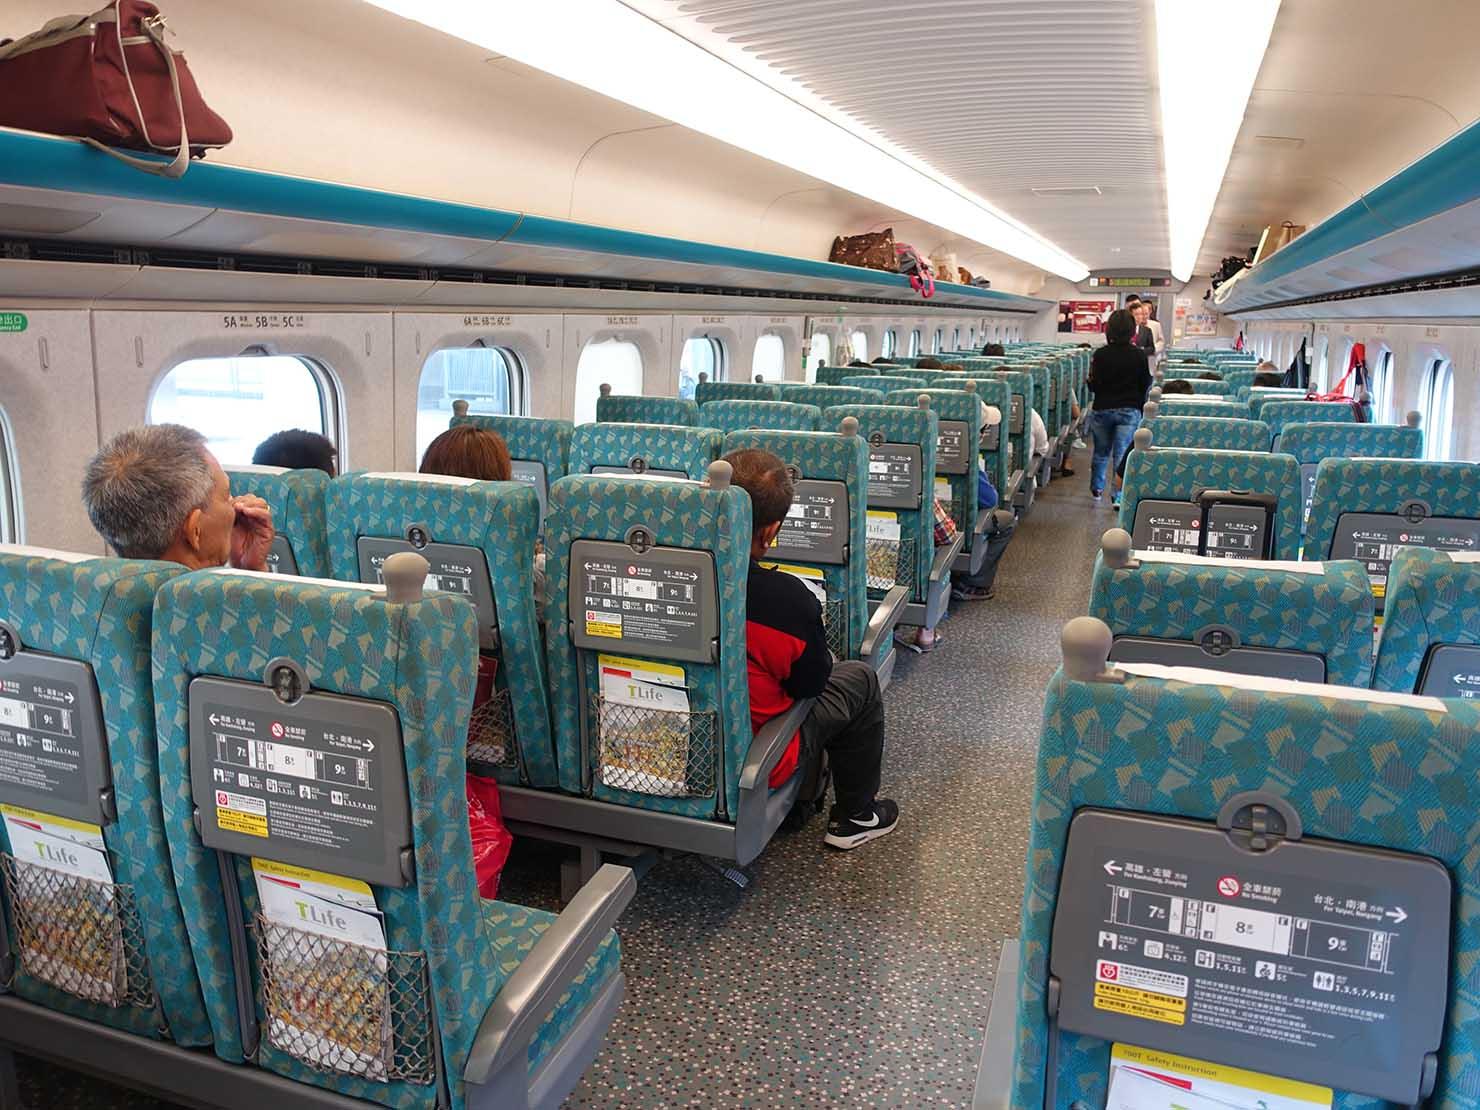 台湾新幹線(高鐵)の車両内